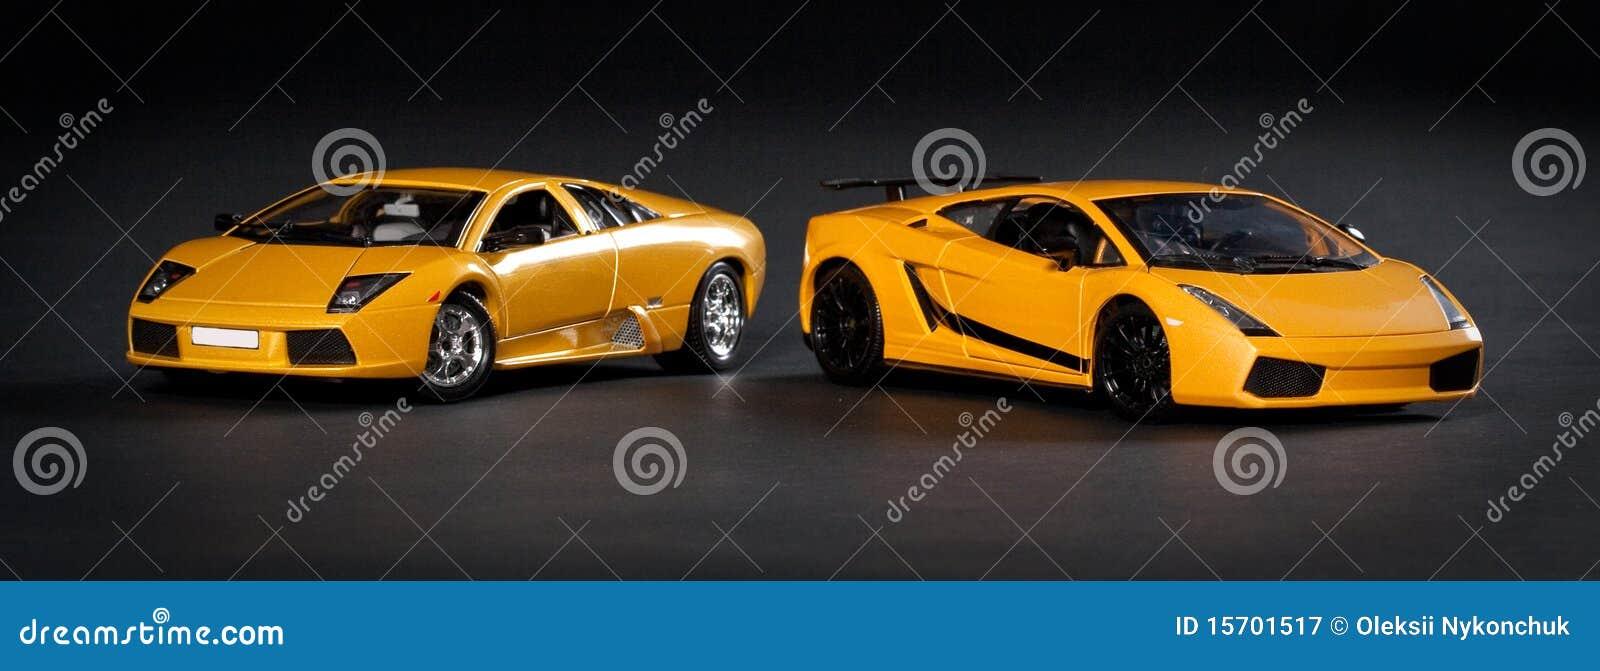 Automobili sportive del giocattolo